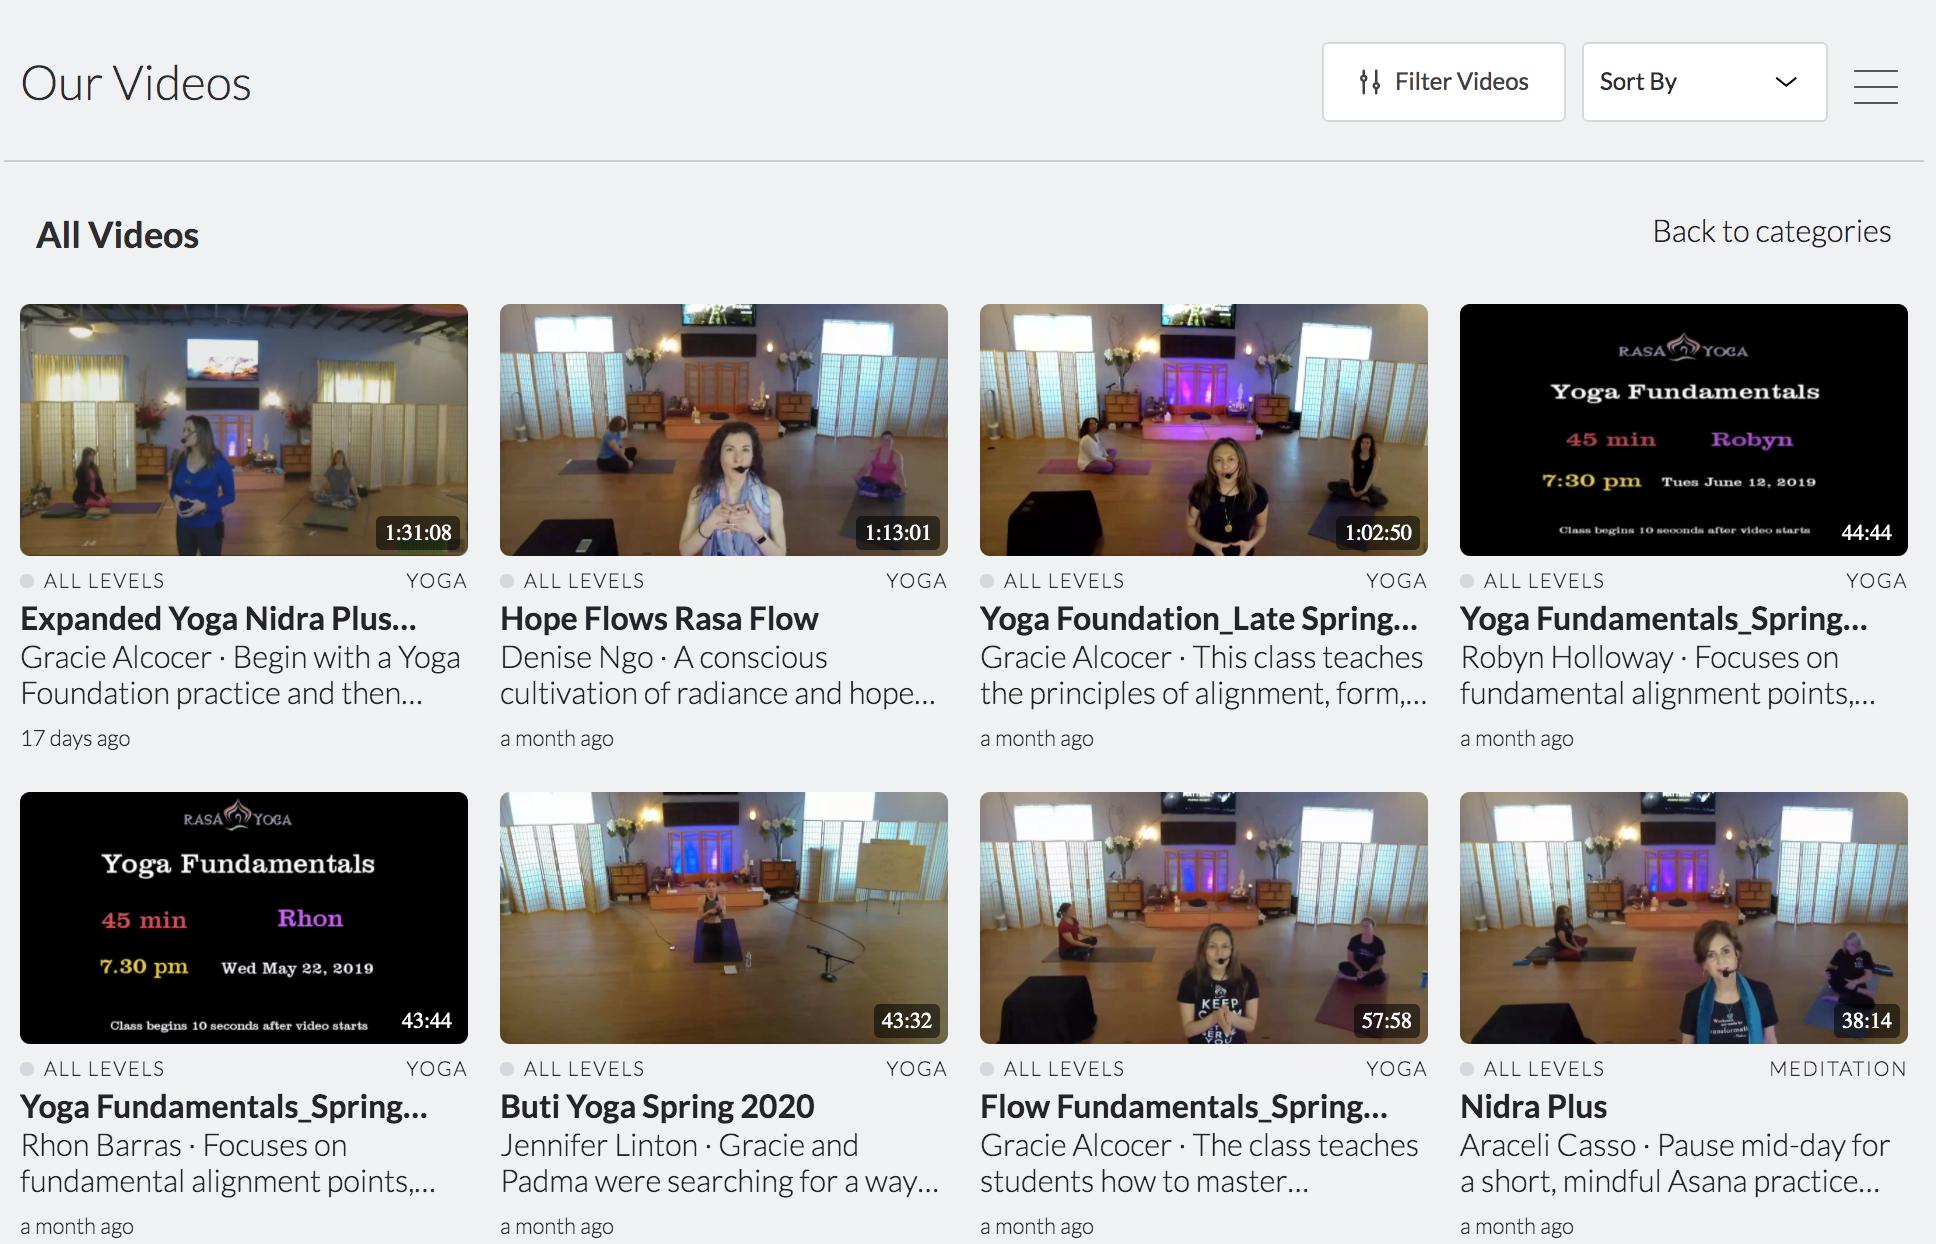 screenshot ot on-demand yoga classes